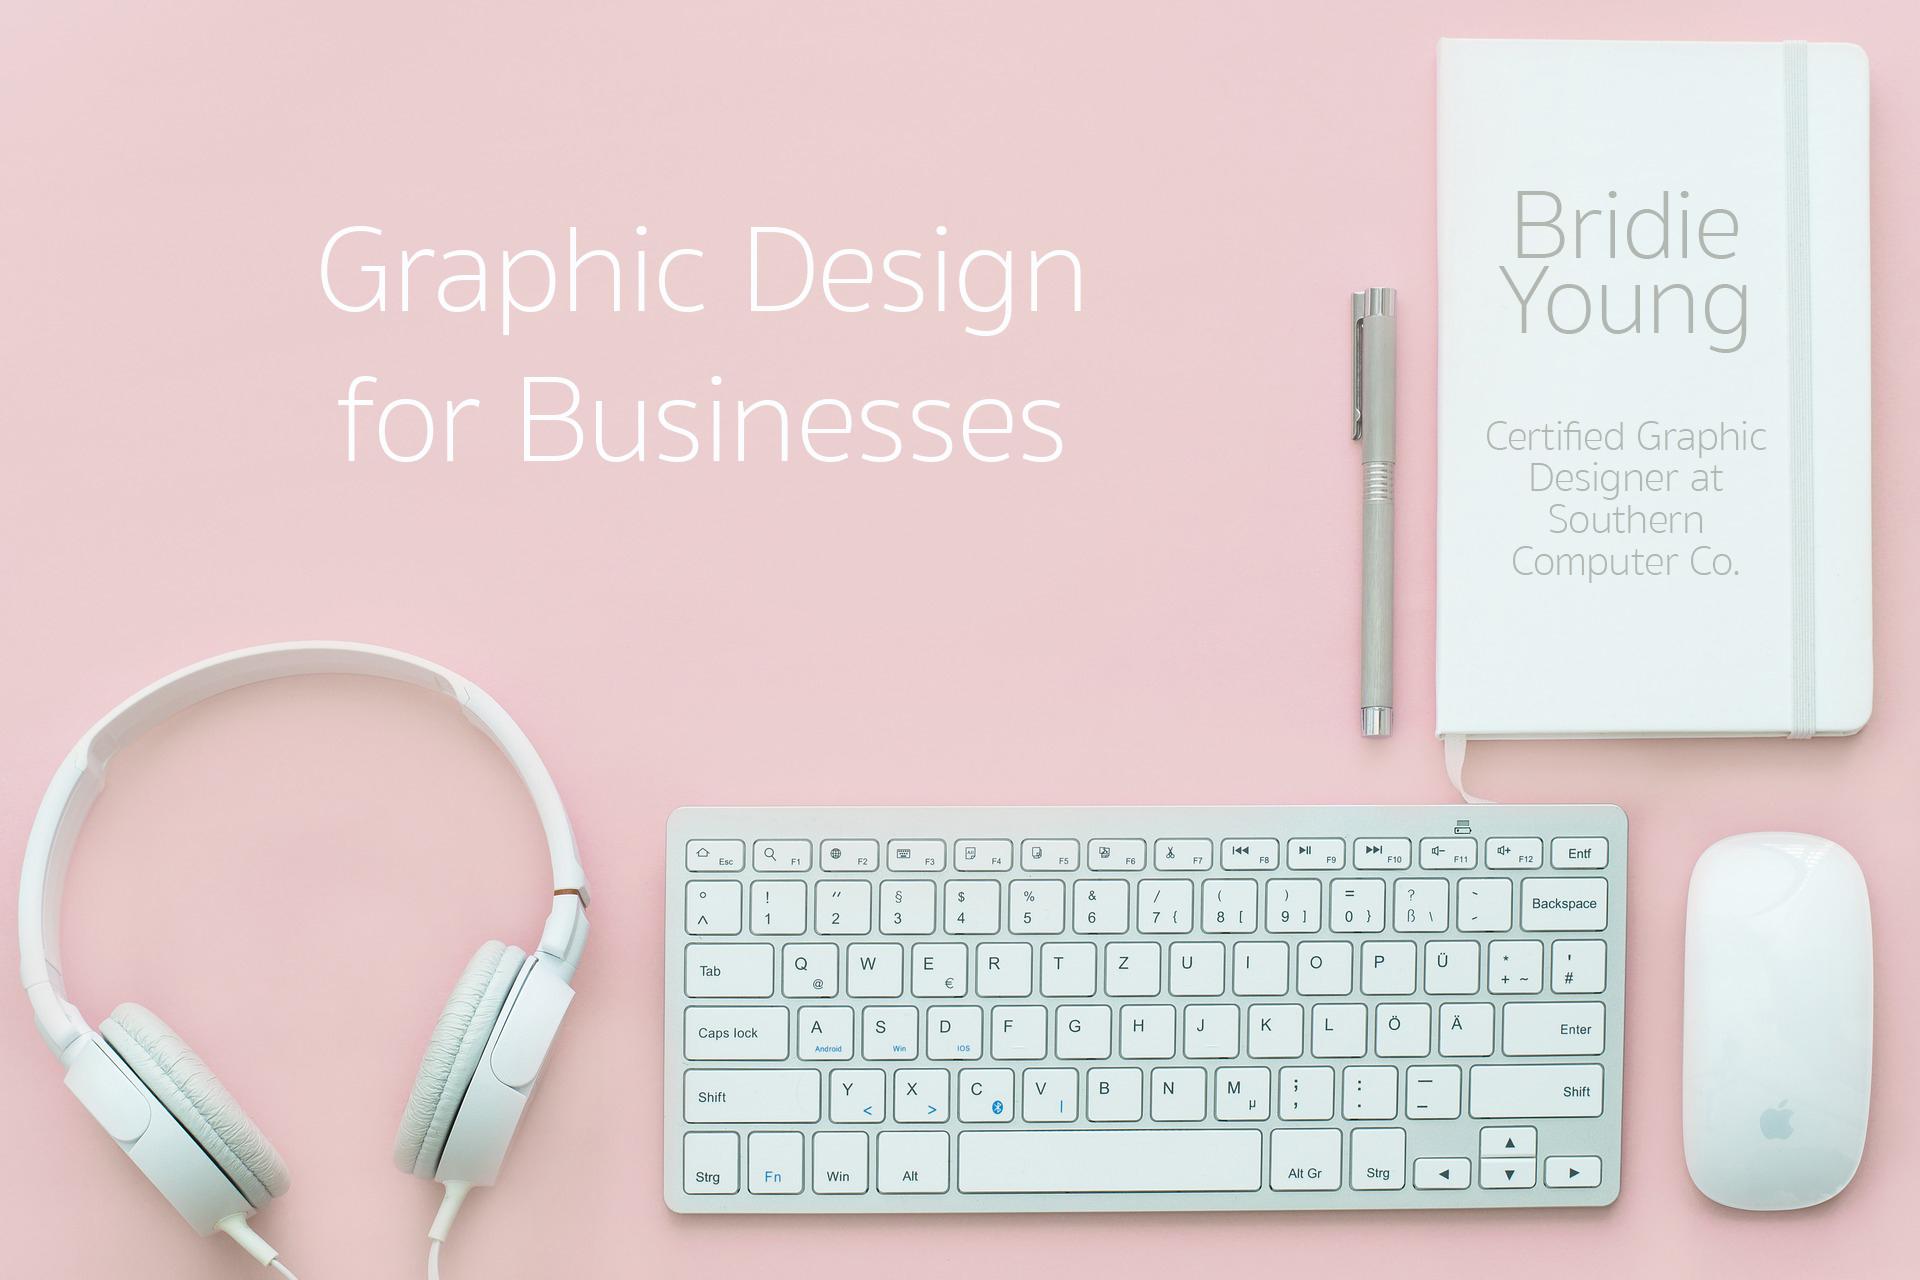 BridieGraphics